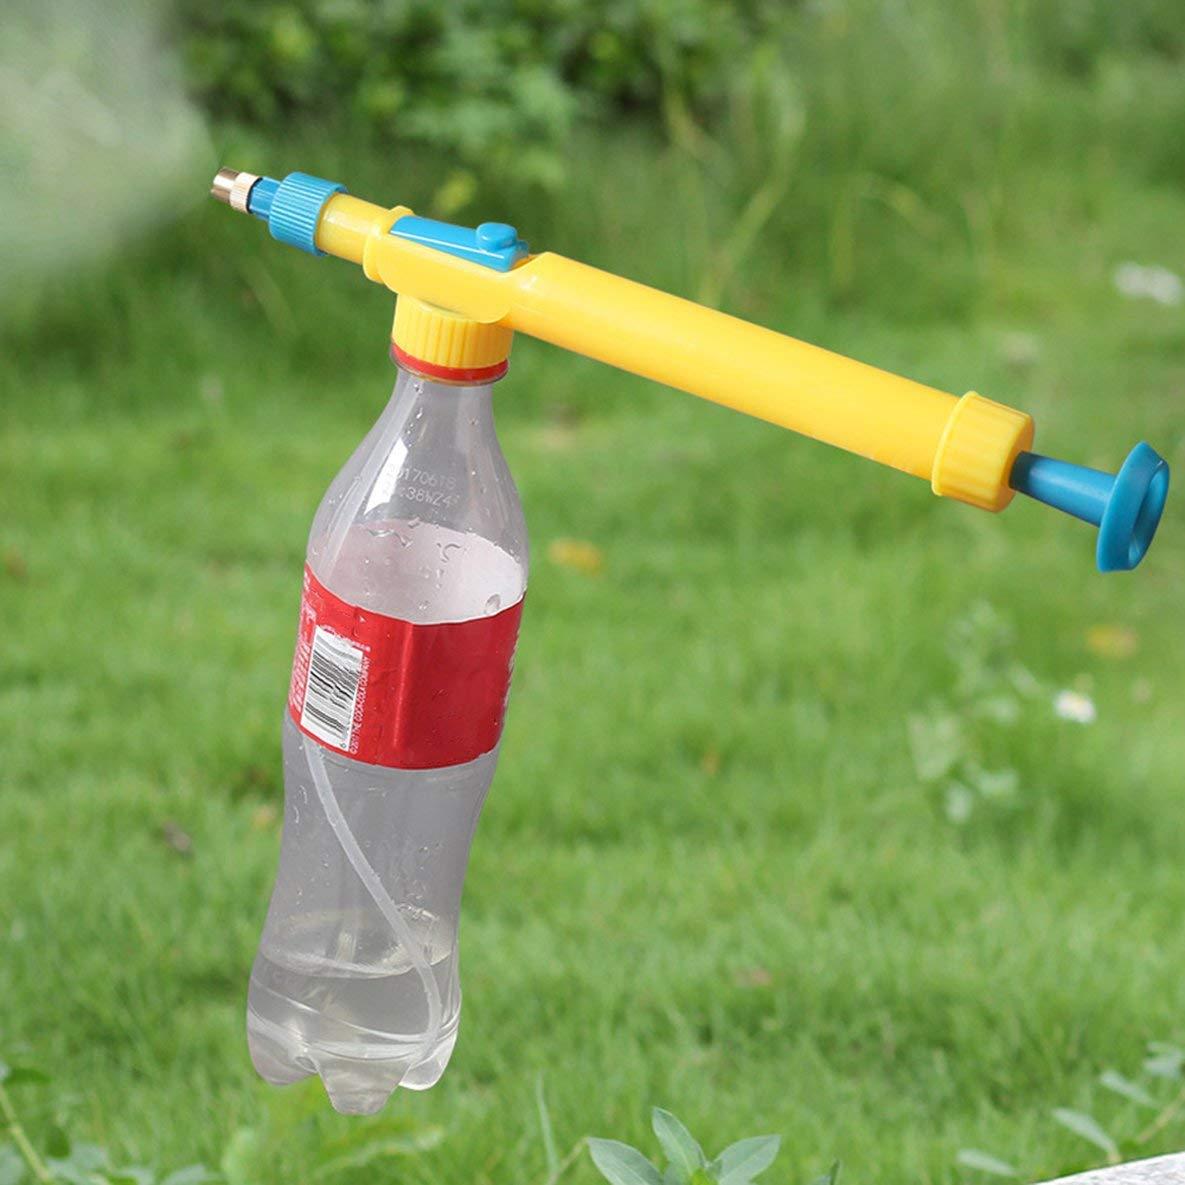 Heaviesk Botella de Coca Cola Pistola pulverizadora Pulverizador Manual Boquilla de Aire reciprocante Hierro Jardinería Dispositivo de riego Presión de Aire Pulverizador: Amazon.es: Hogar